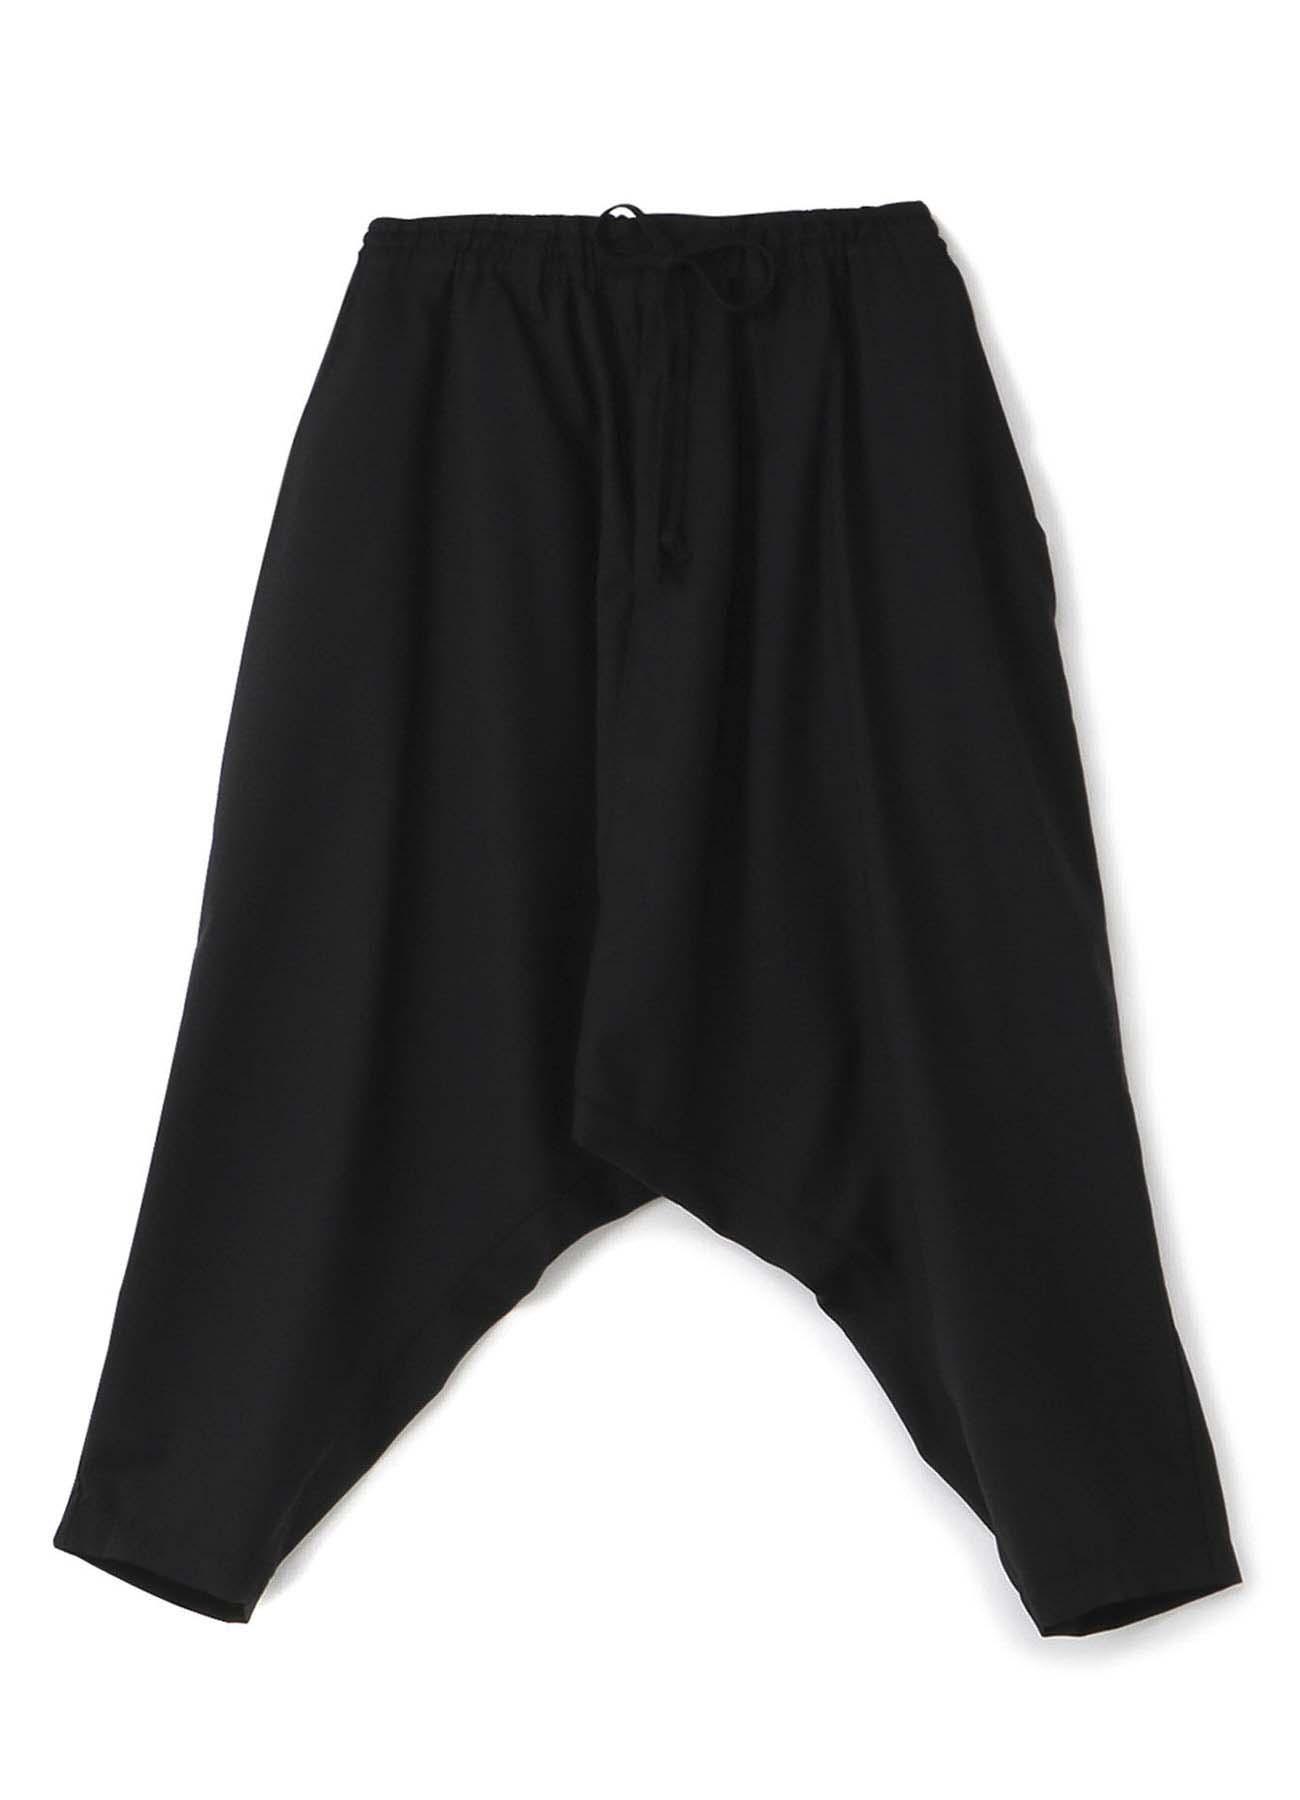 No. 9 飞鼠裤 羊毛薄布料